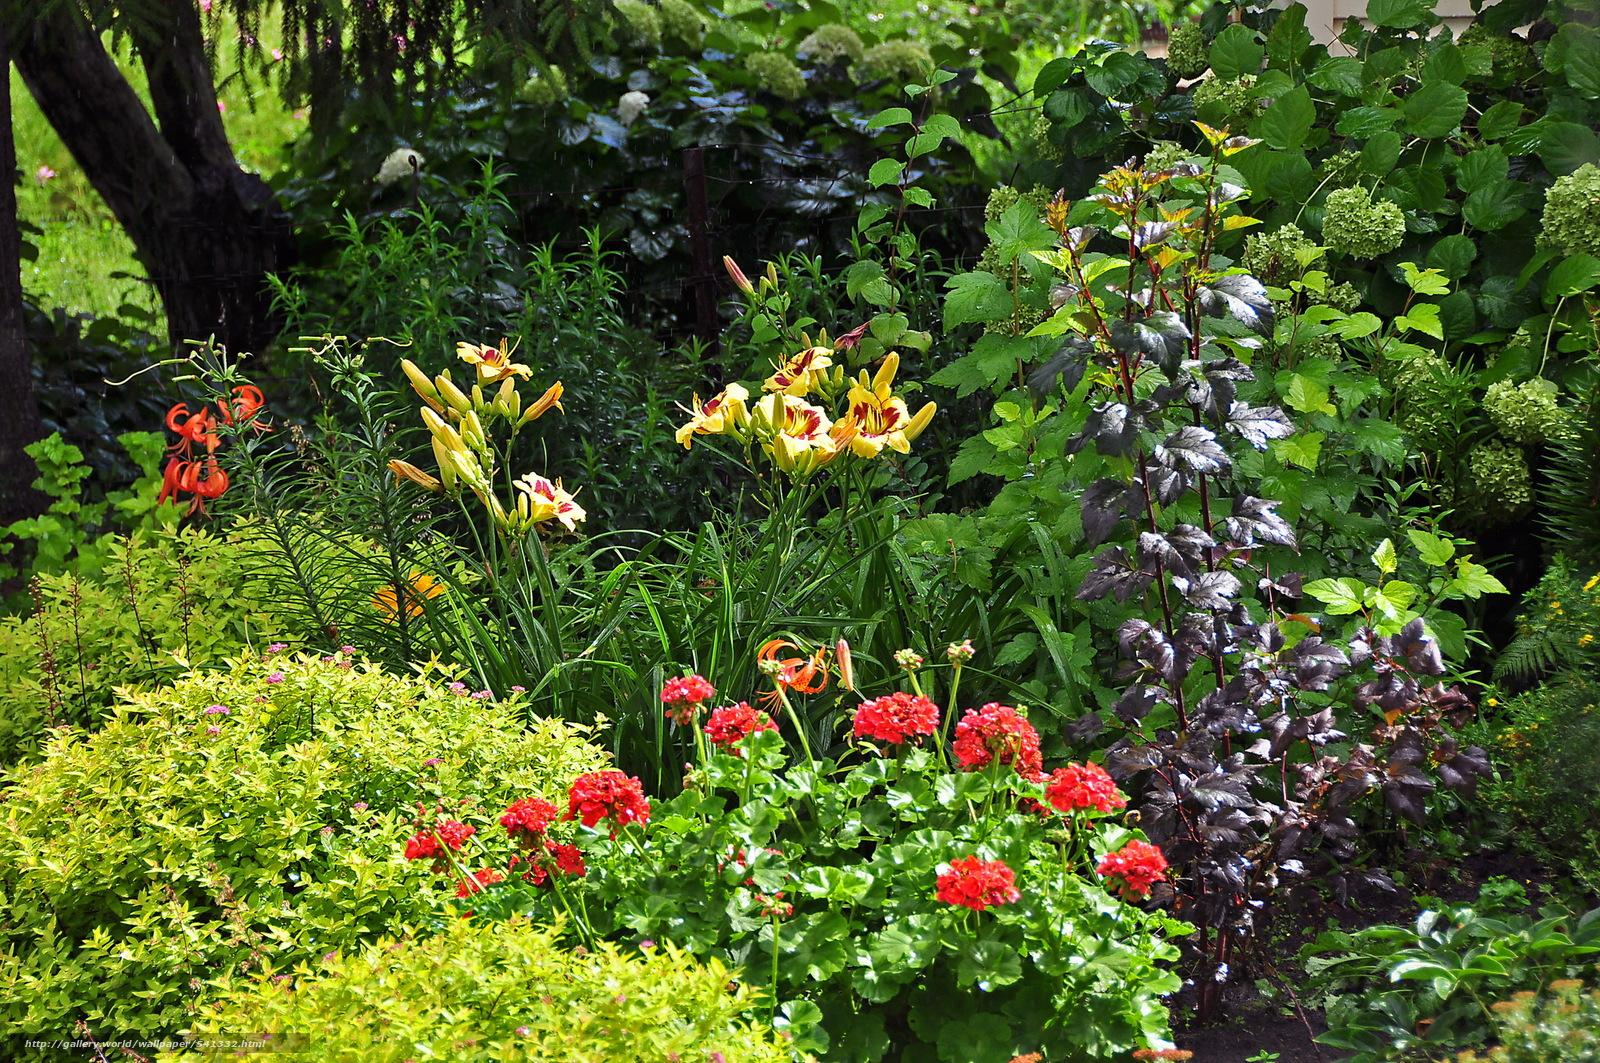 Скачать обои сад деревья цветы